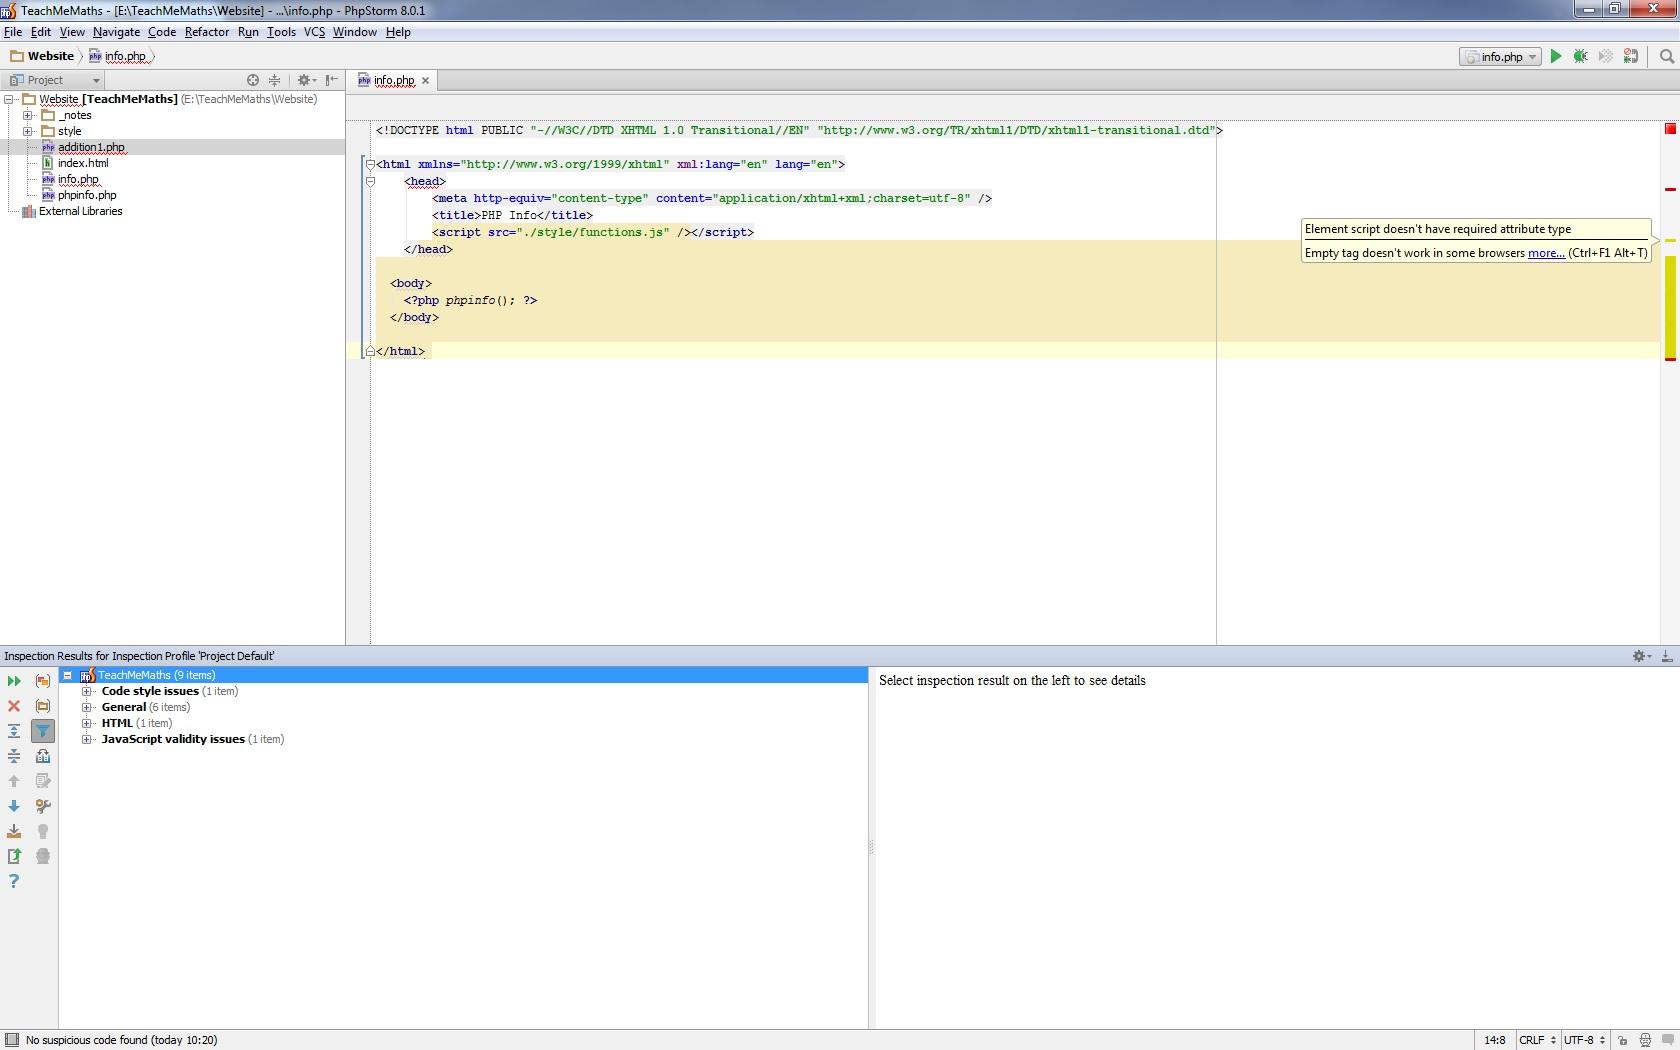 script tag problem screenshot.jpg